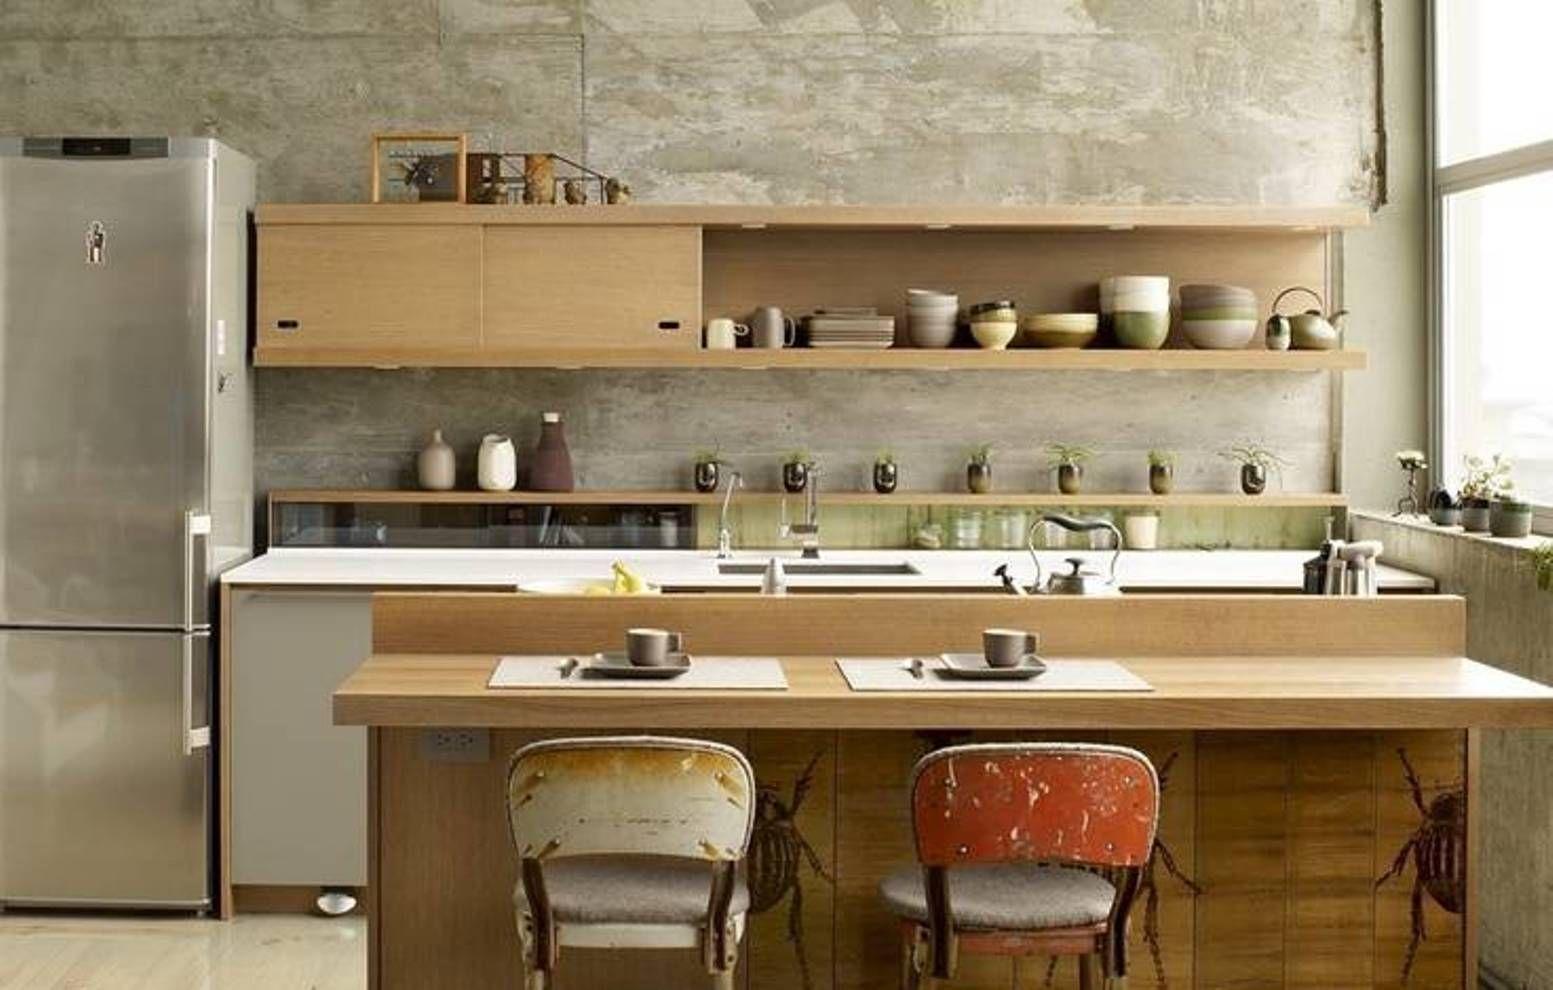 japanese modern kitchen küchen design küchen möbel küchendesign on kitchen interior japanese style id=57376